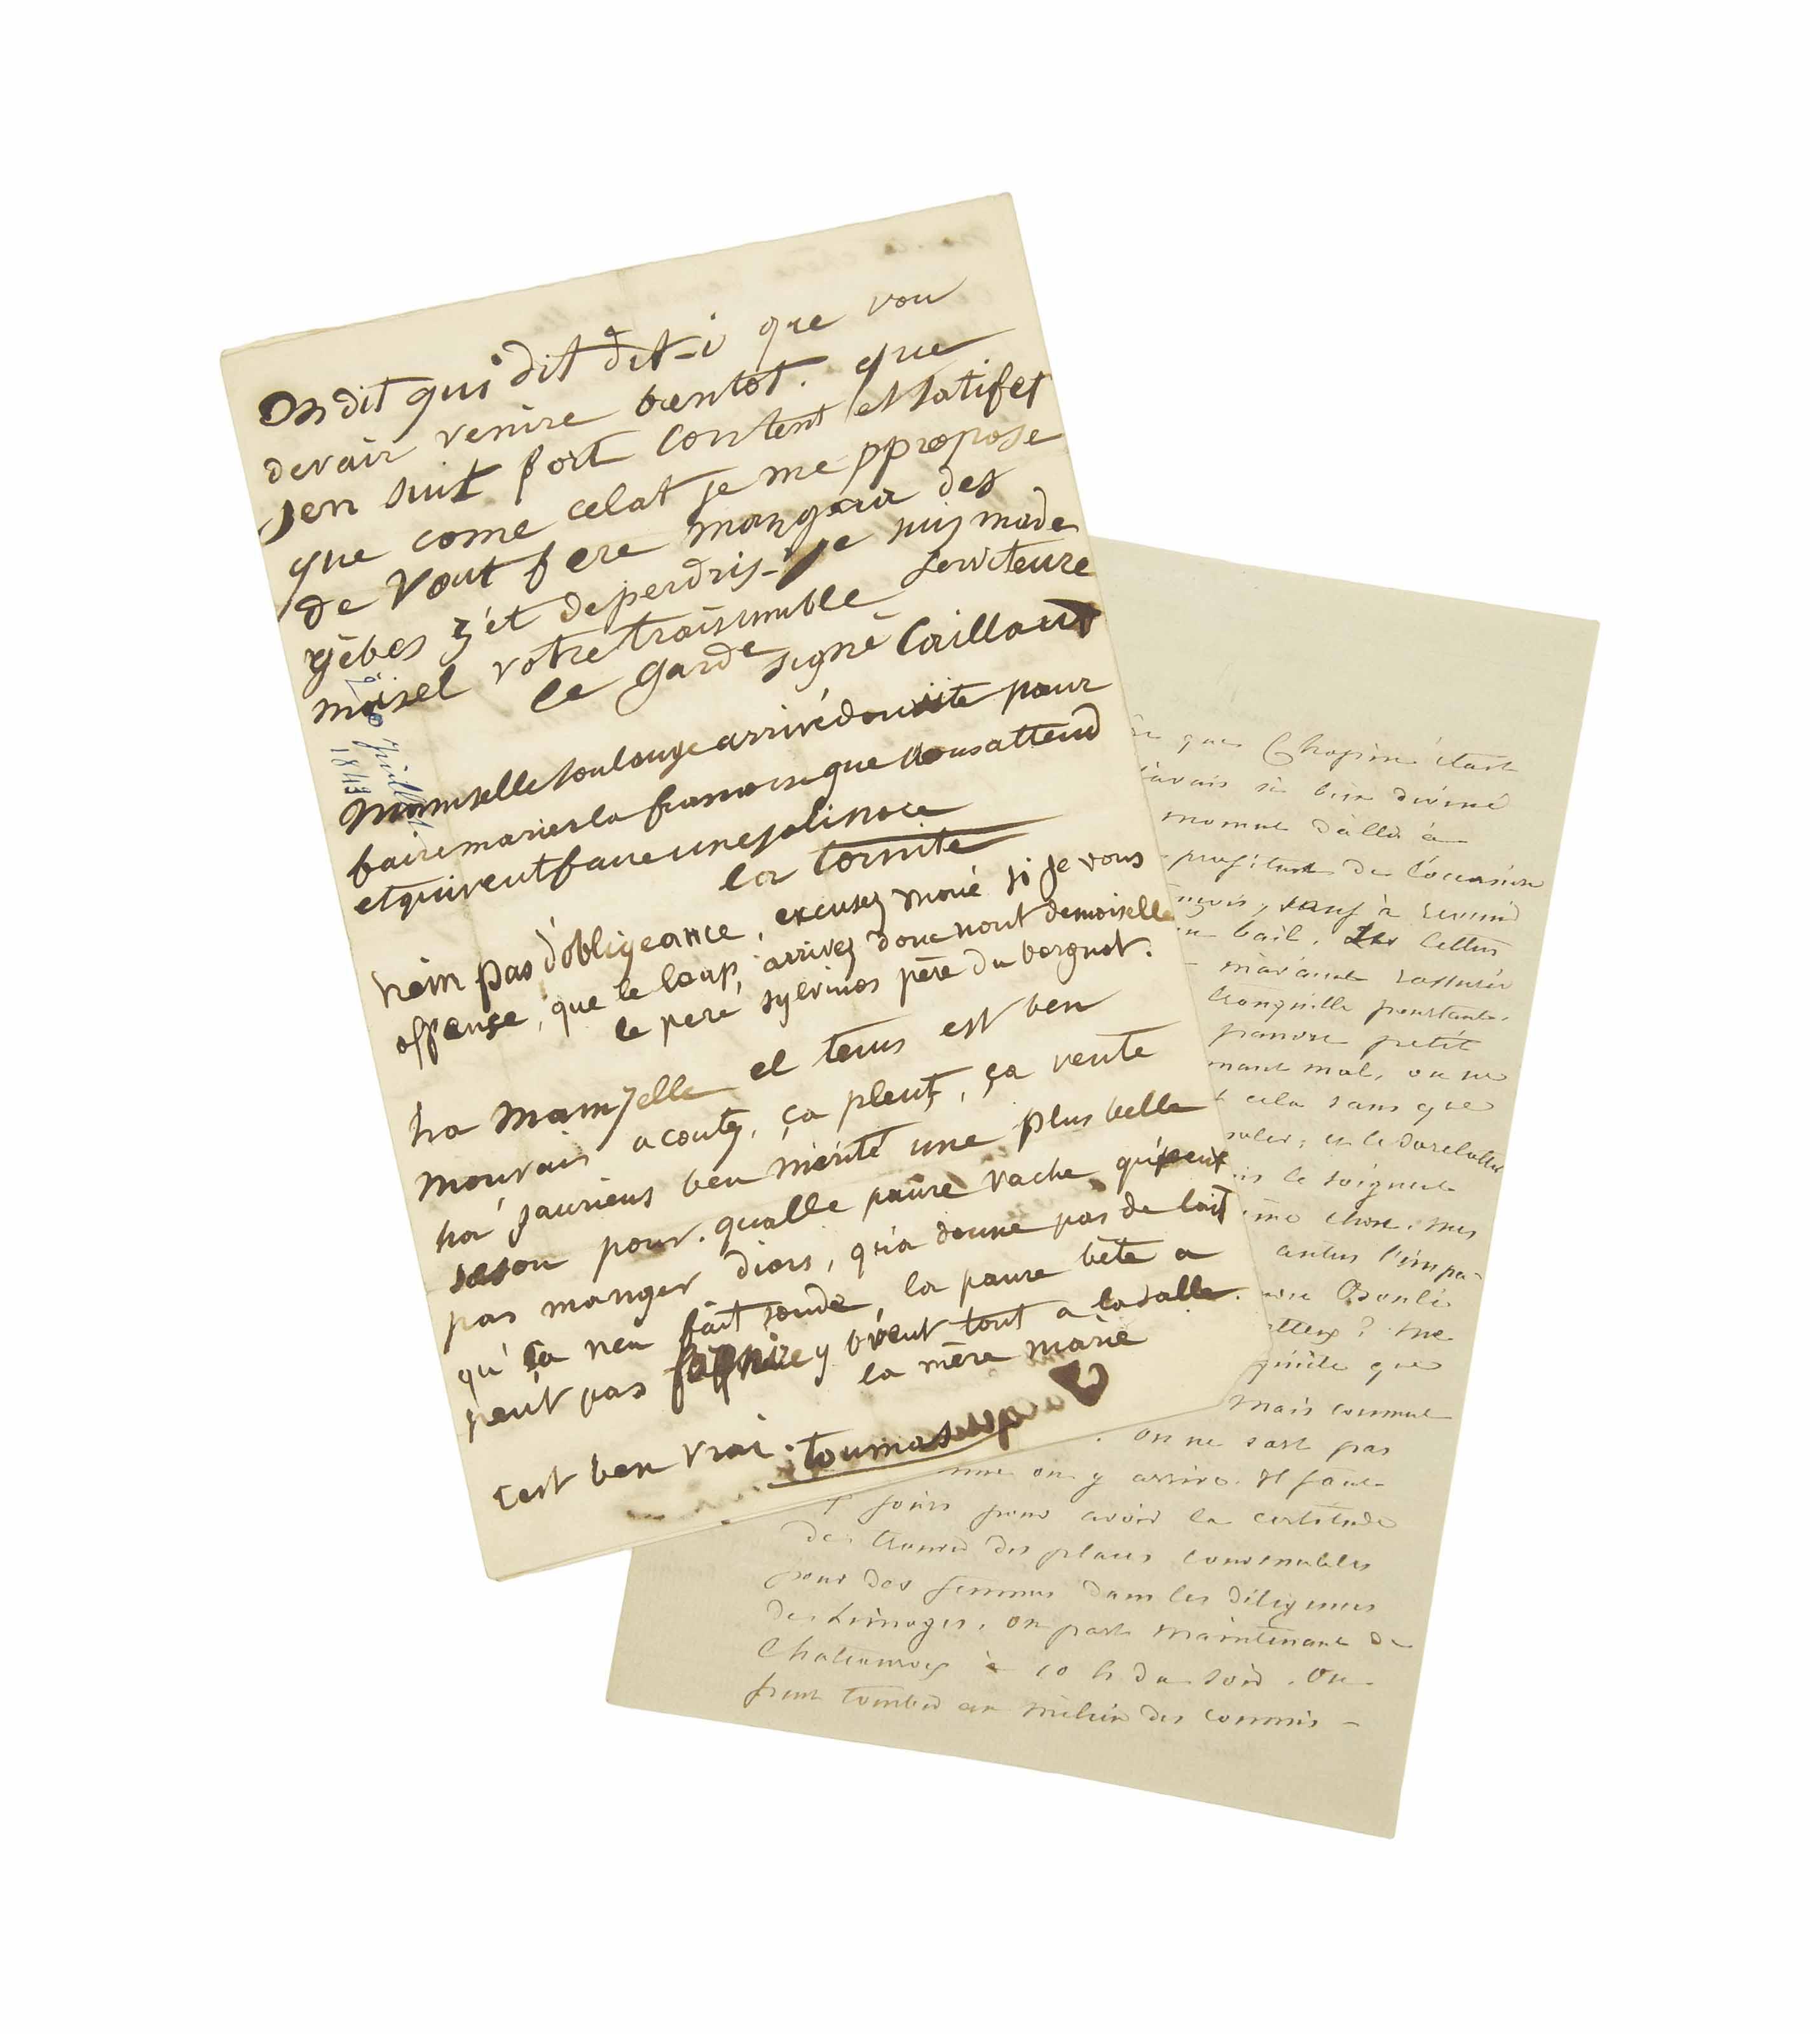 SAND, George (1804-1876). Lettre autographe, non signée, à son fils Maurice. [Novembre 1843].